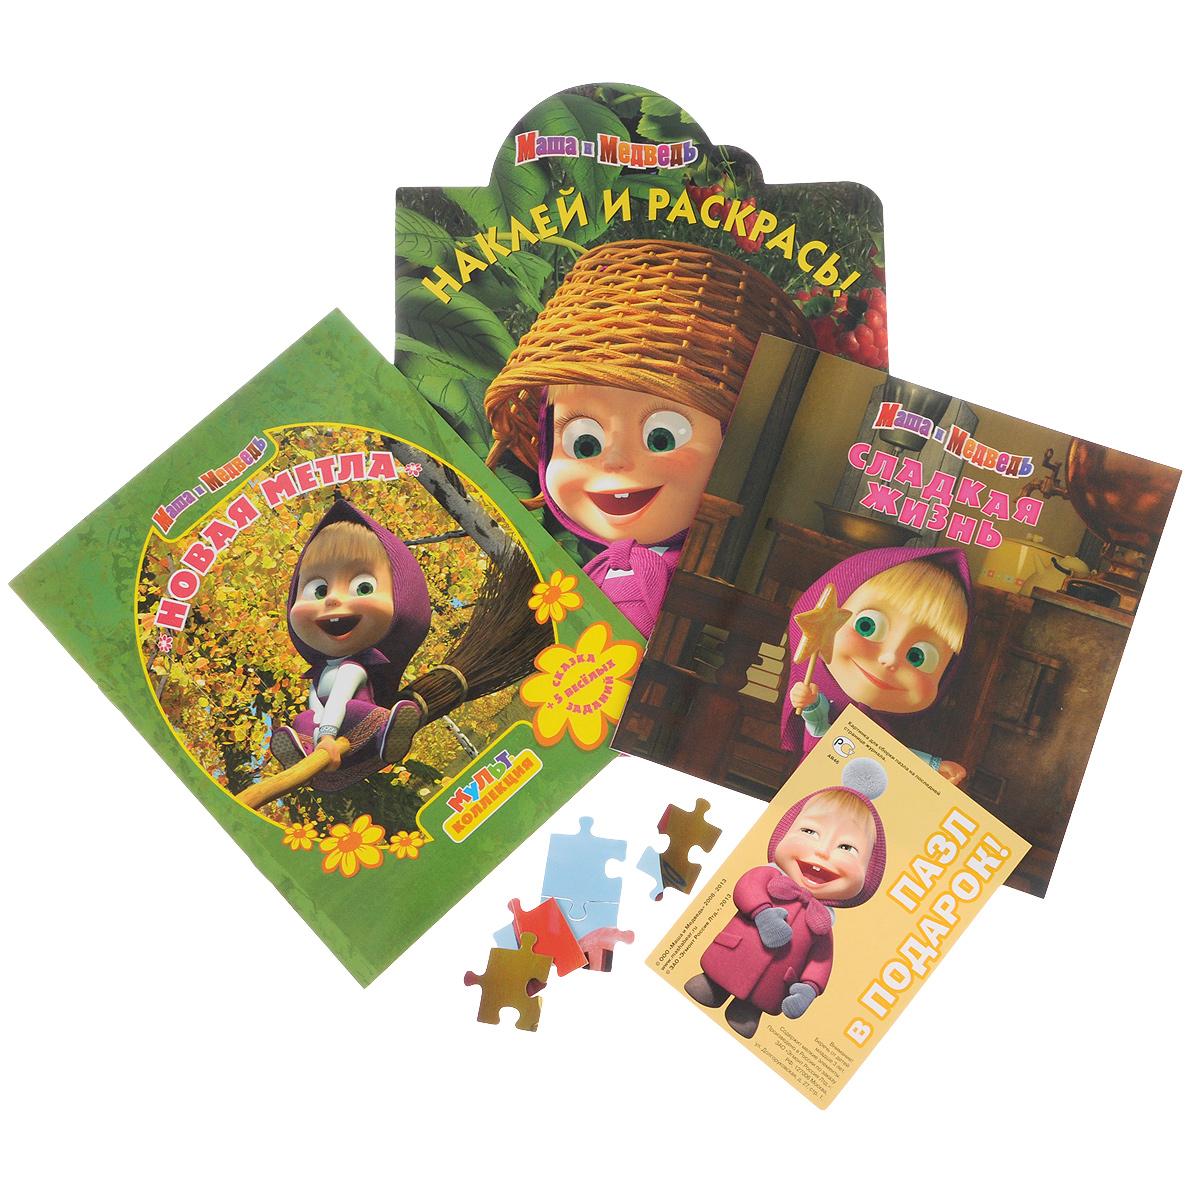 Нина Иманова Маша и Медведь. Наклей и раскрась! Новая мечта. Сладкая жизнь (комплект из 3 книг + пазл) серия книга в подарок комплект из 8 книг